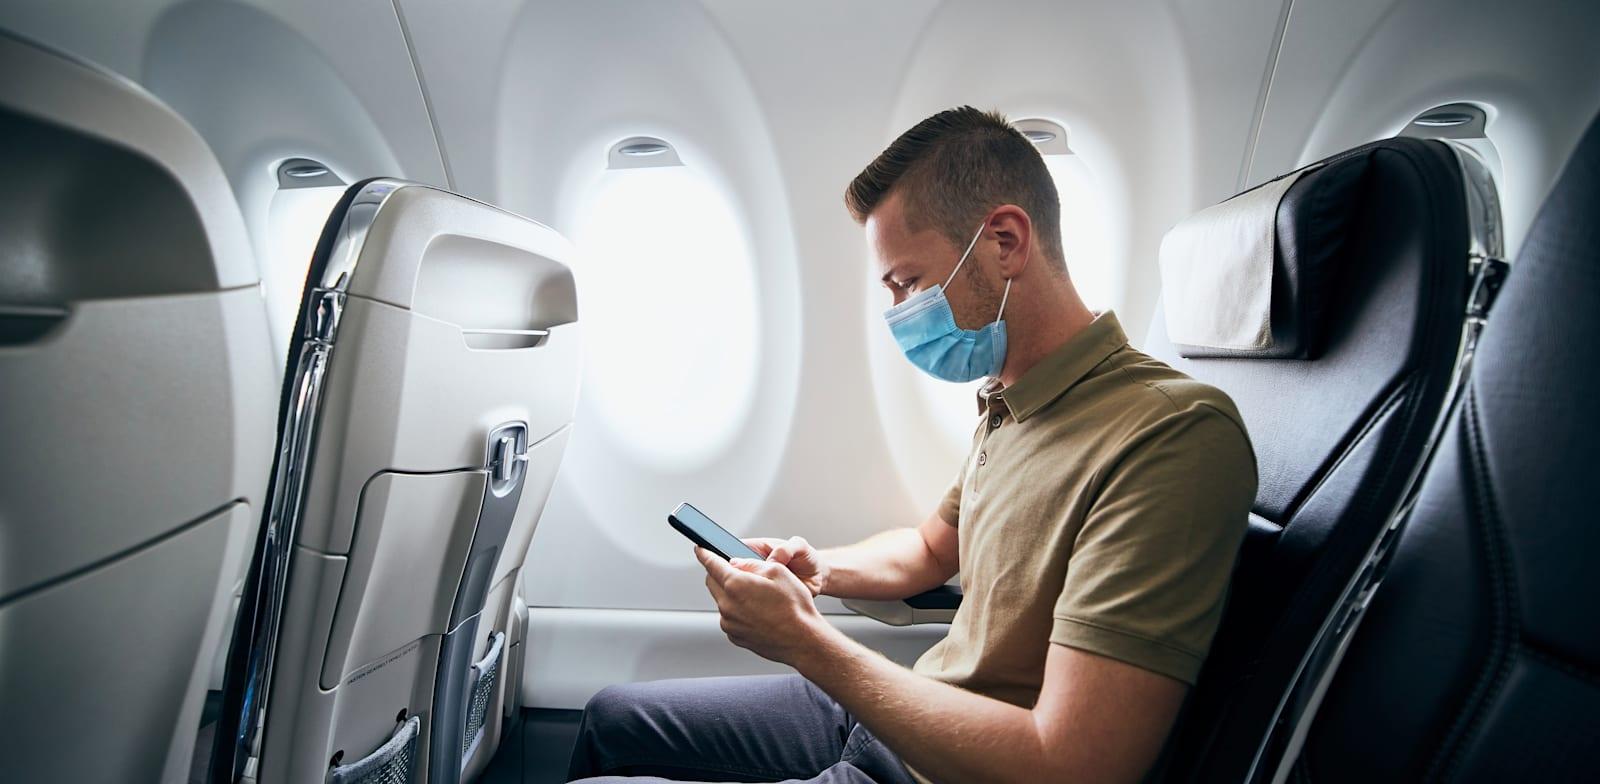 טיסות בימי קורונה / אילוסטרציה: Shutterstock, Jaromir Chalabala